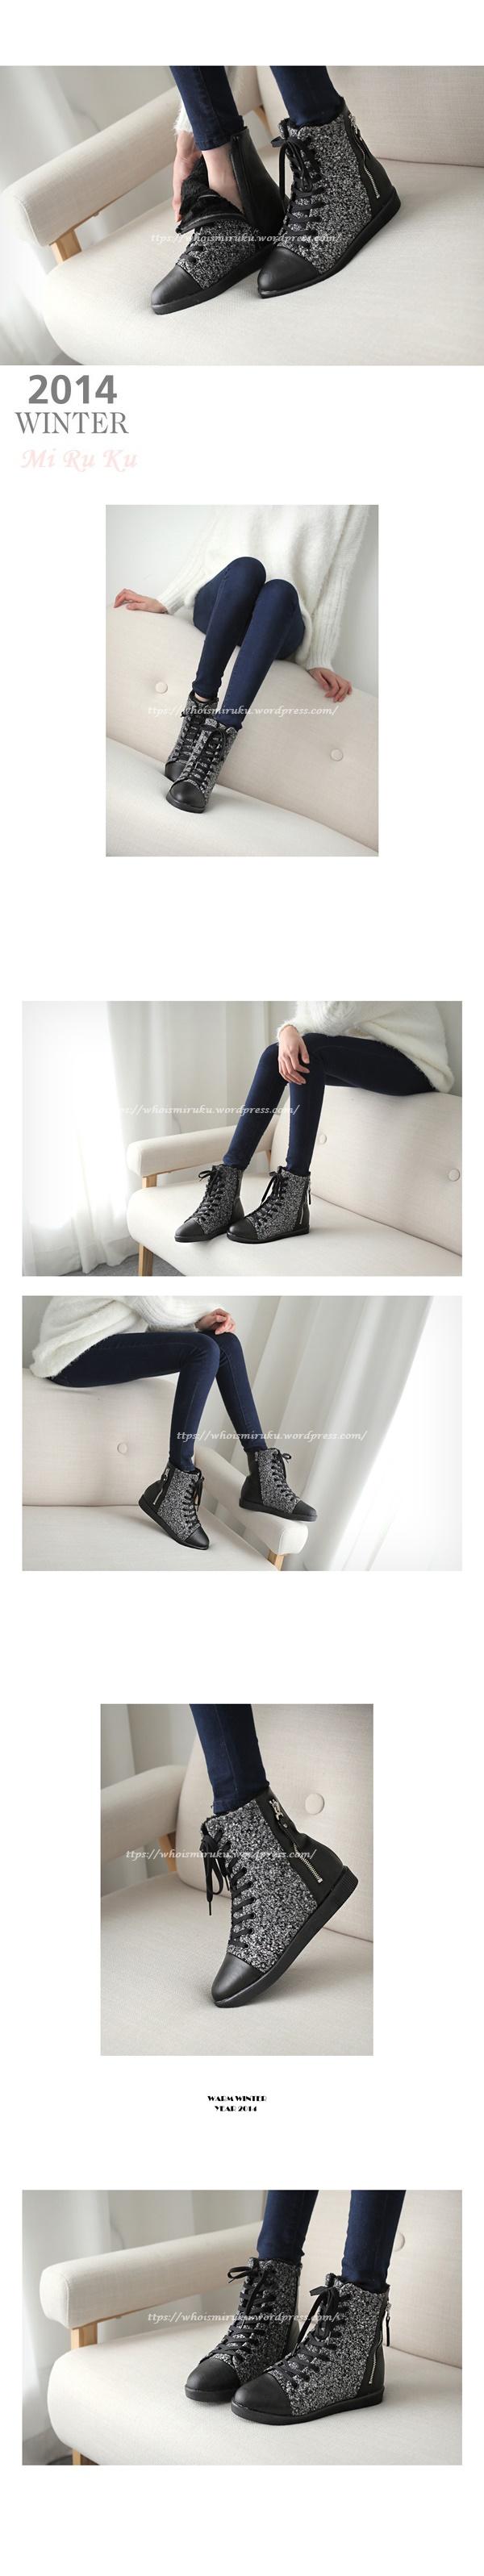 拉鍊毛尼球踝靴-4